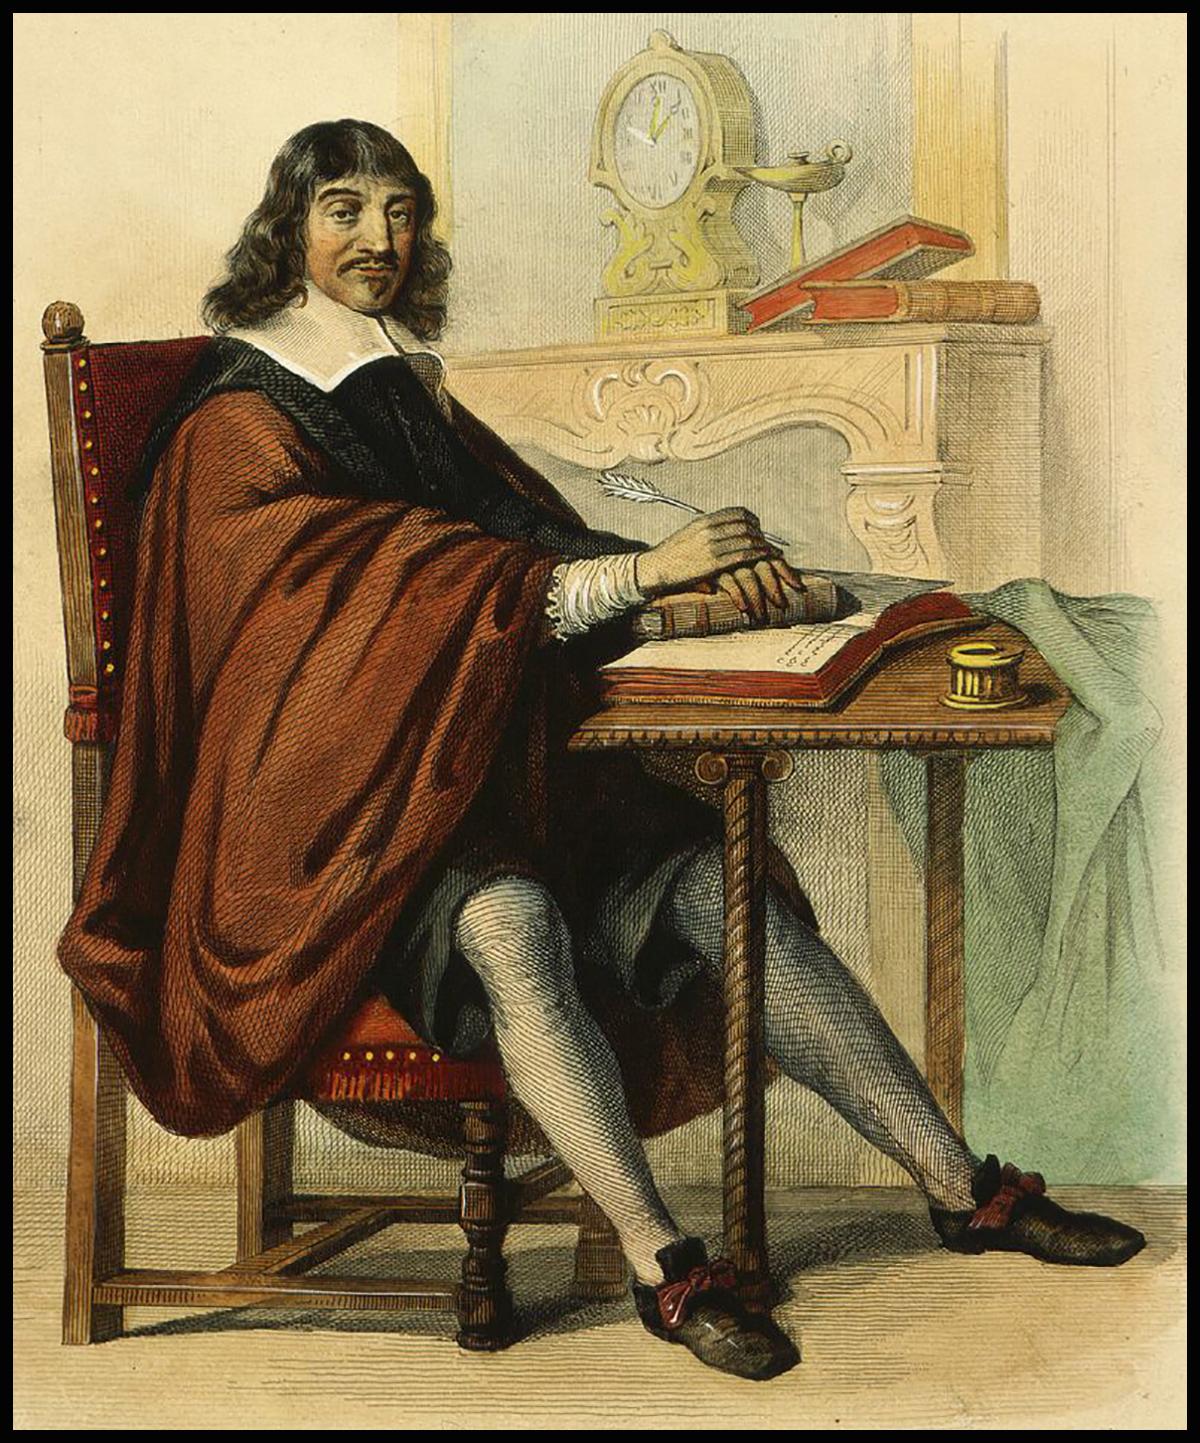 Descartes par Jacquand dpurb site web.jpg